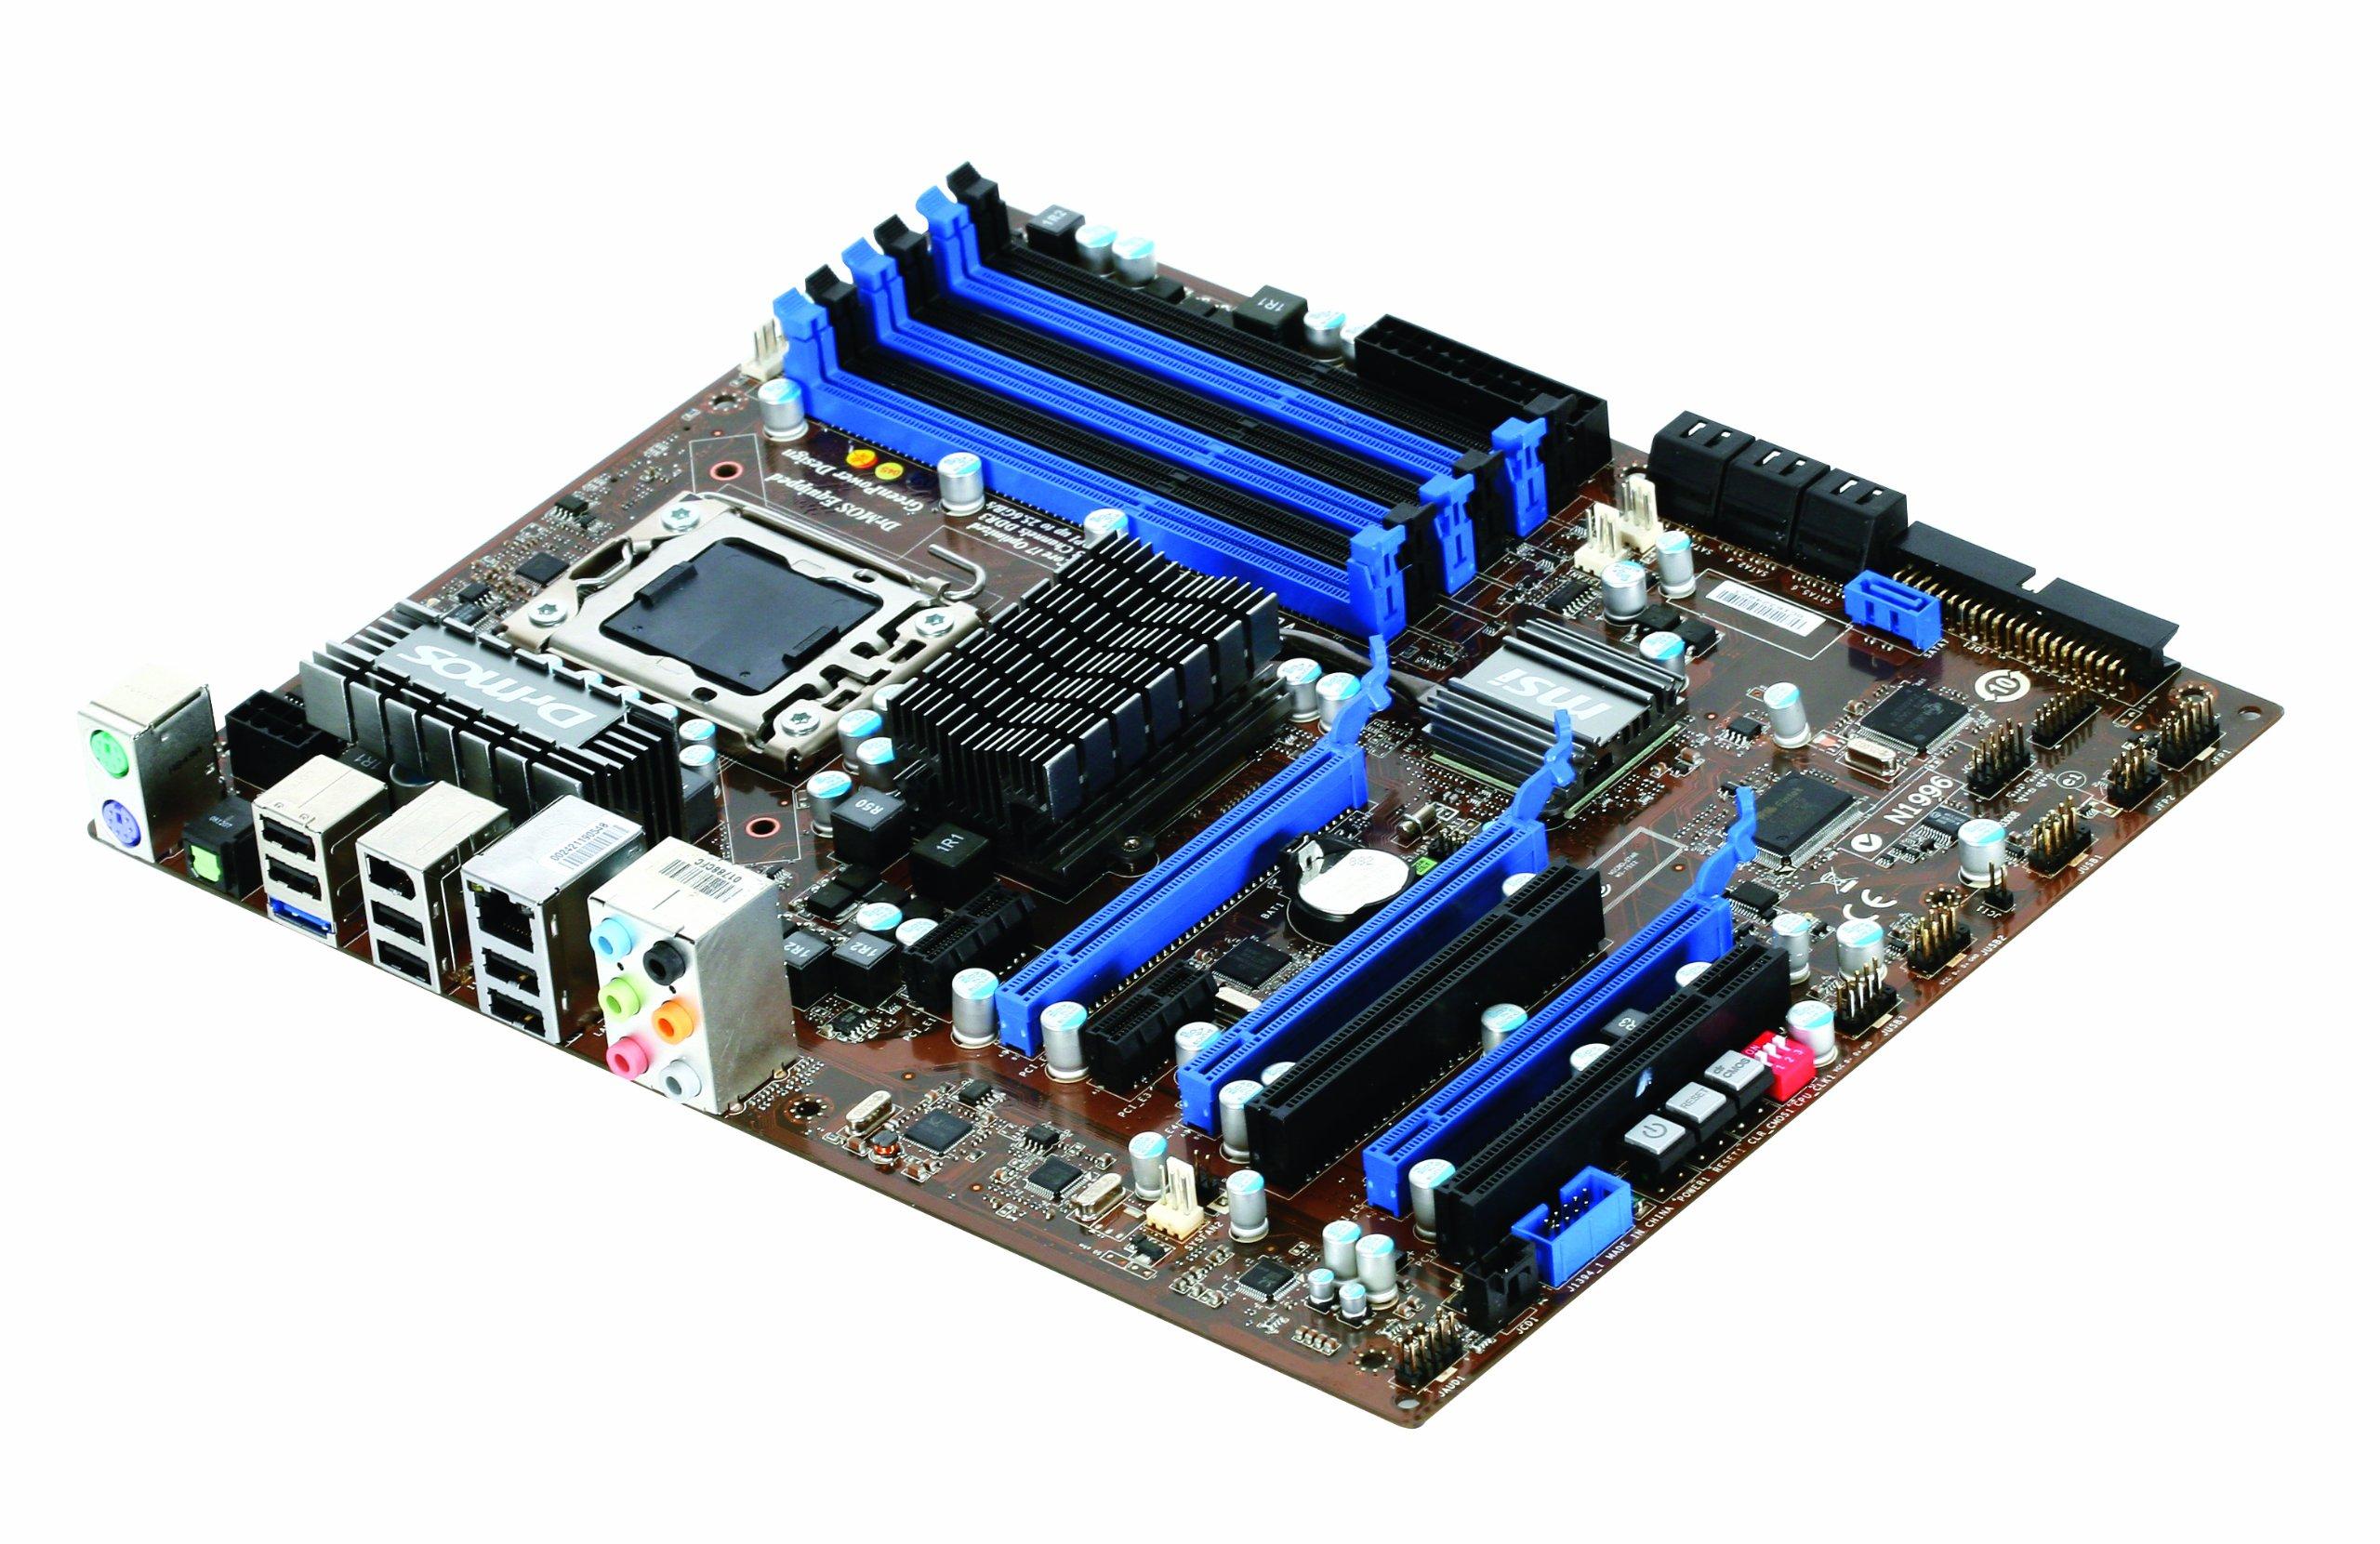 MSI 7522-070R - Placa Base Intel (zócalo 1366, X58, Memoria DDR3, ATX): Amazon.es: Informática